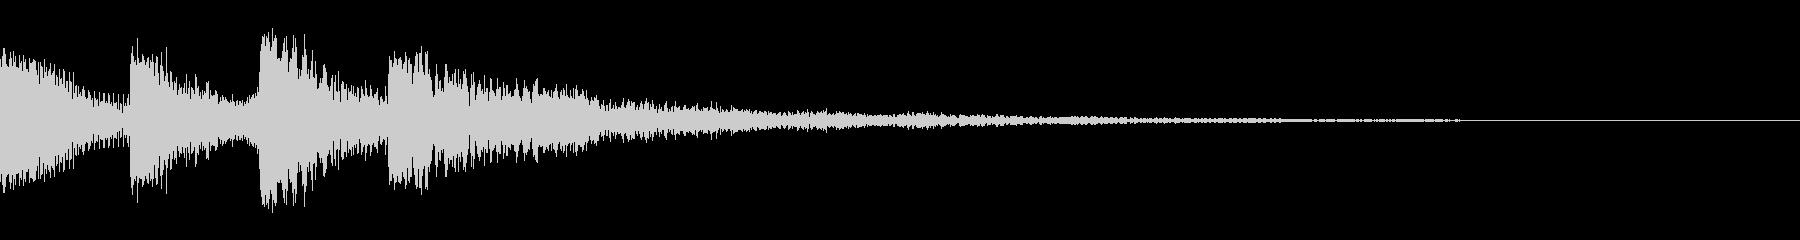 ドゥワーン(クリック_選択開始_01)の未再生の波形